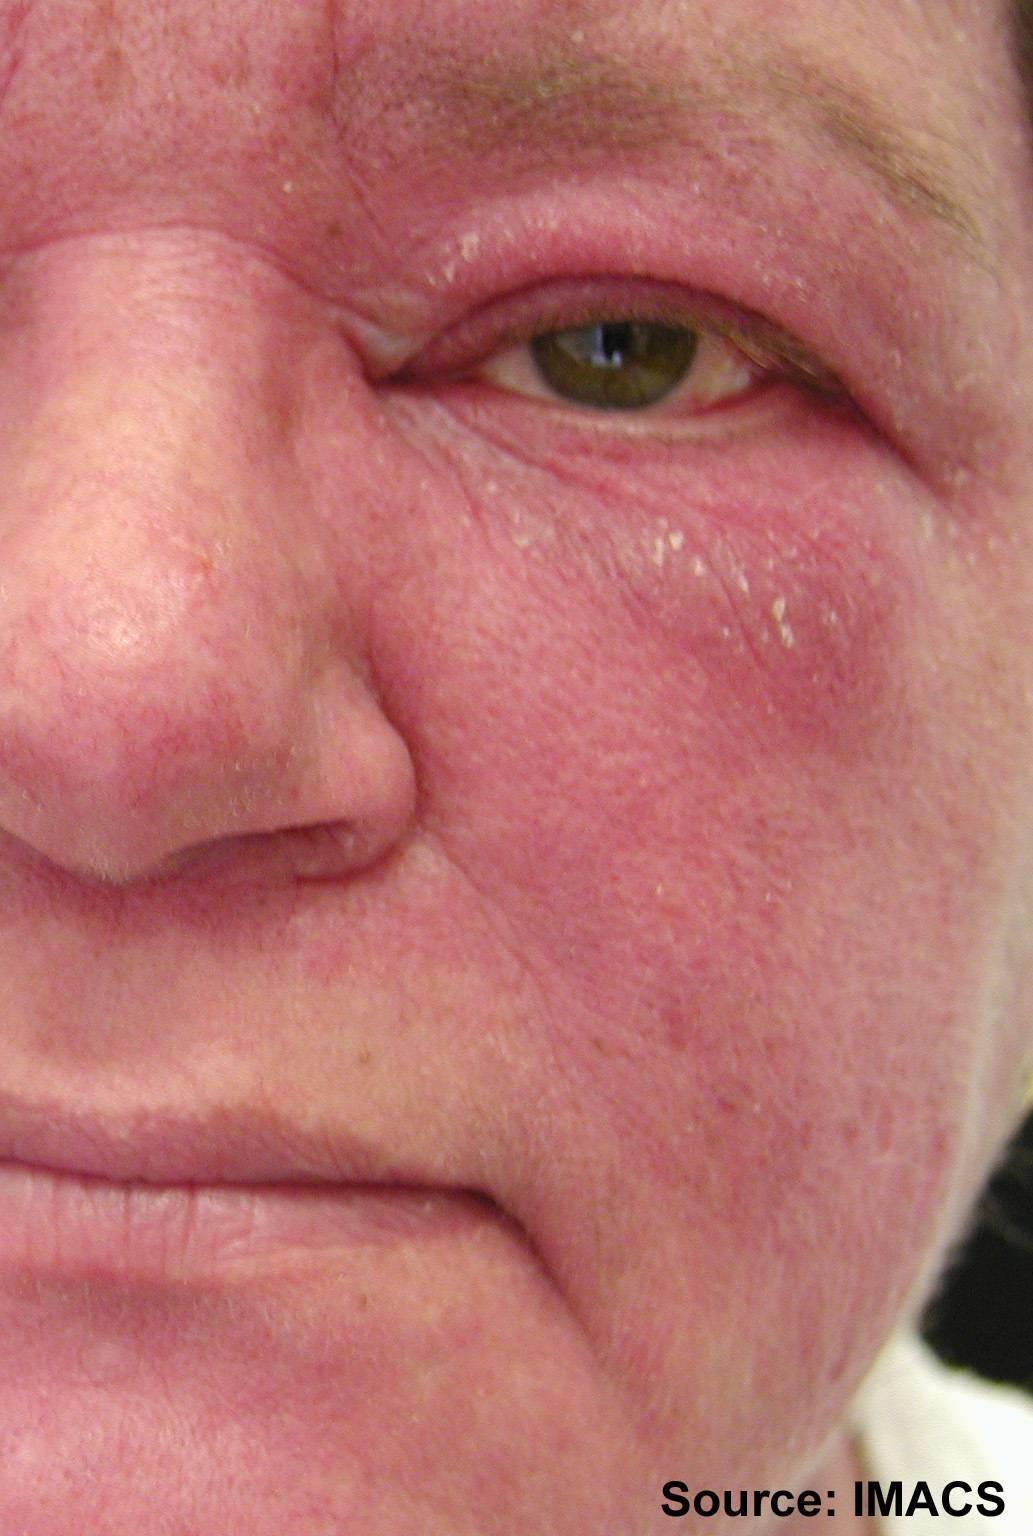 себорейный дерматит лица лечение